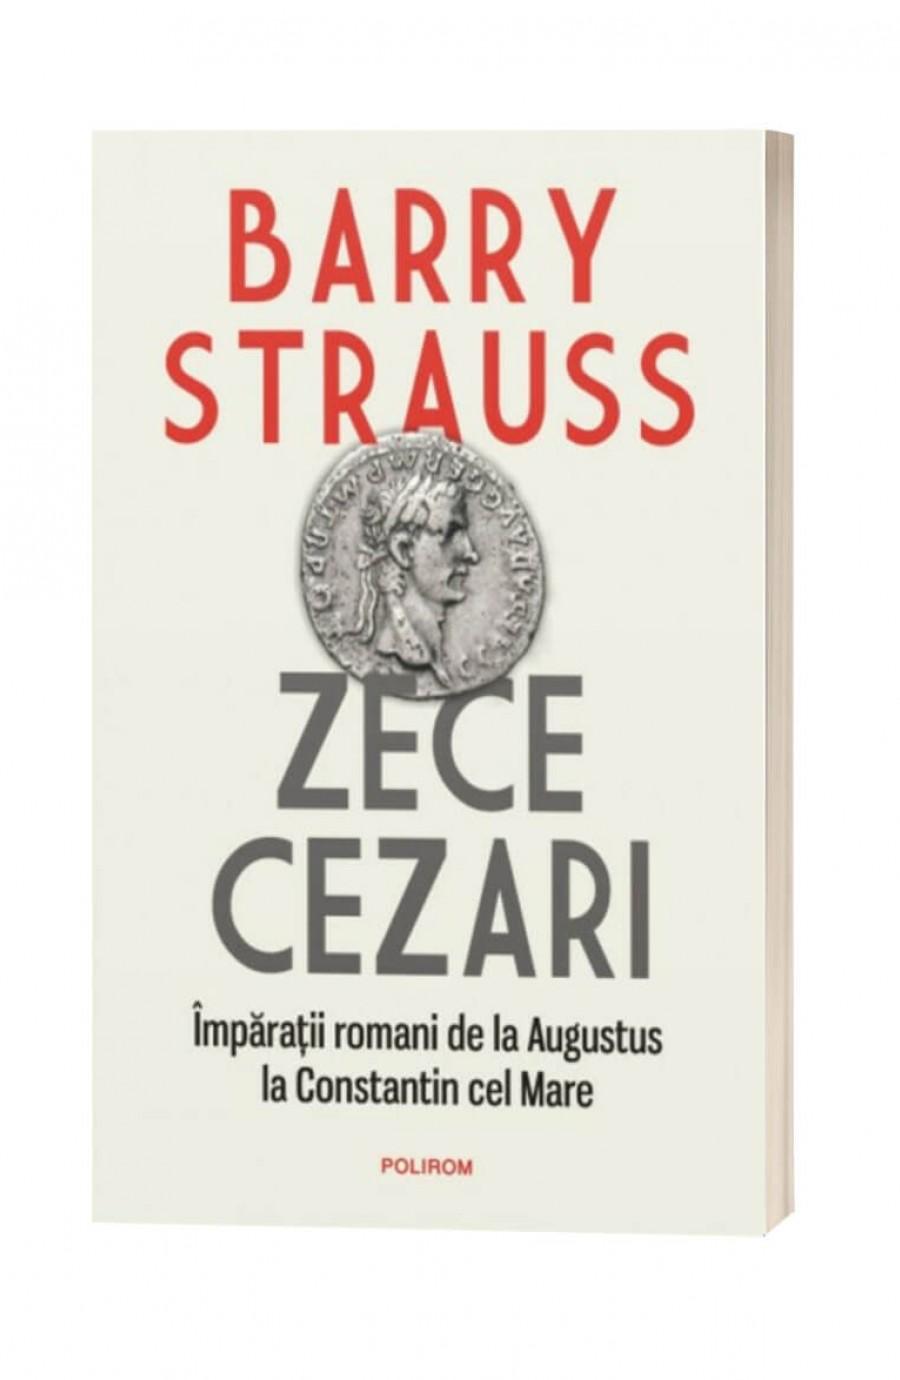 Zece Cezari de Barry Strauss